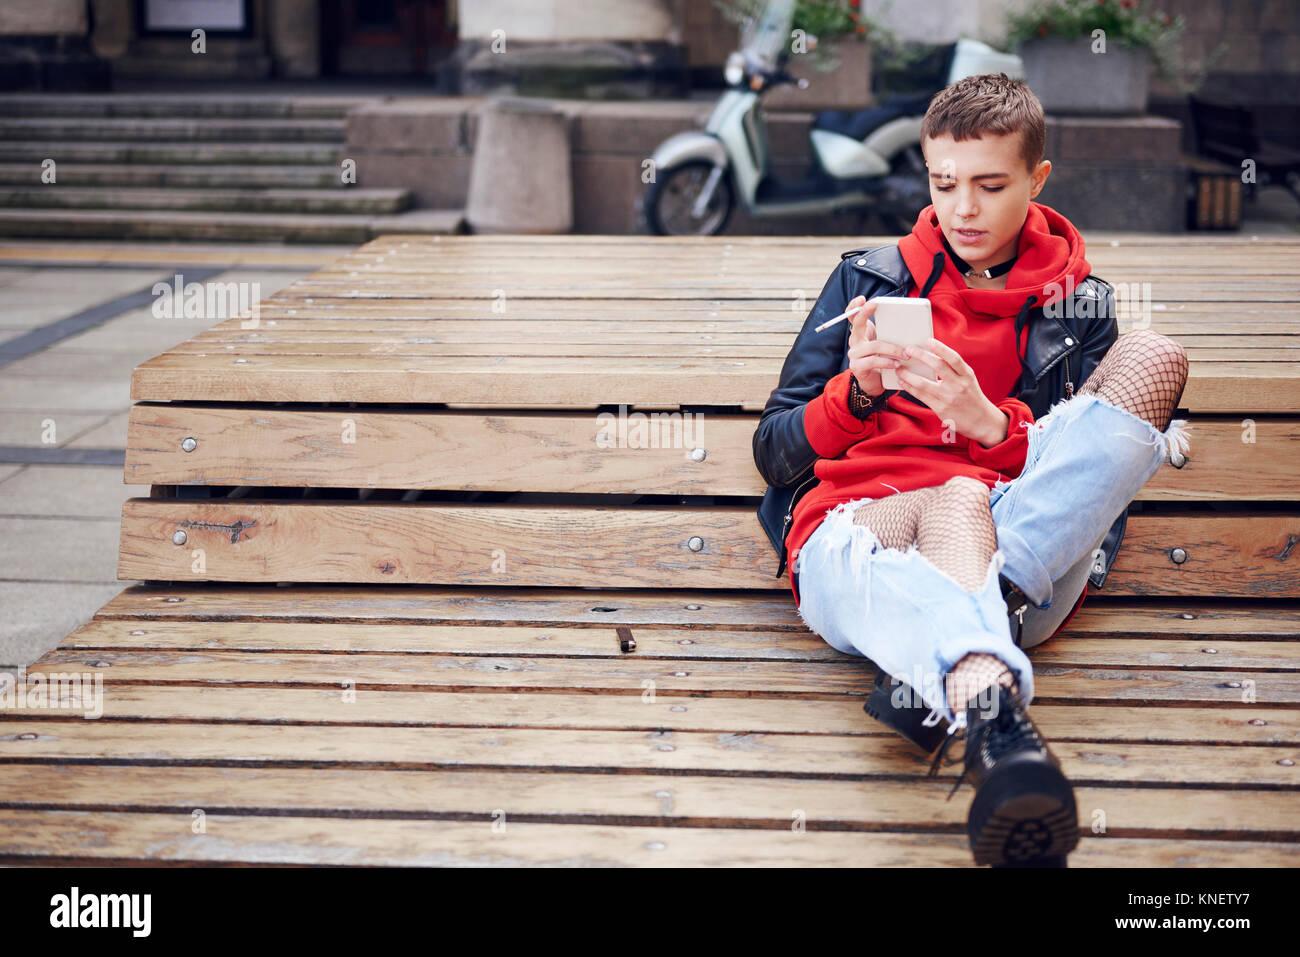 Cool junge Frau mit kurzen Haaren auf Smartphone und Rauchen Zigarette auf der City Bank suchen Stockbild